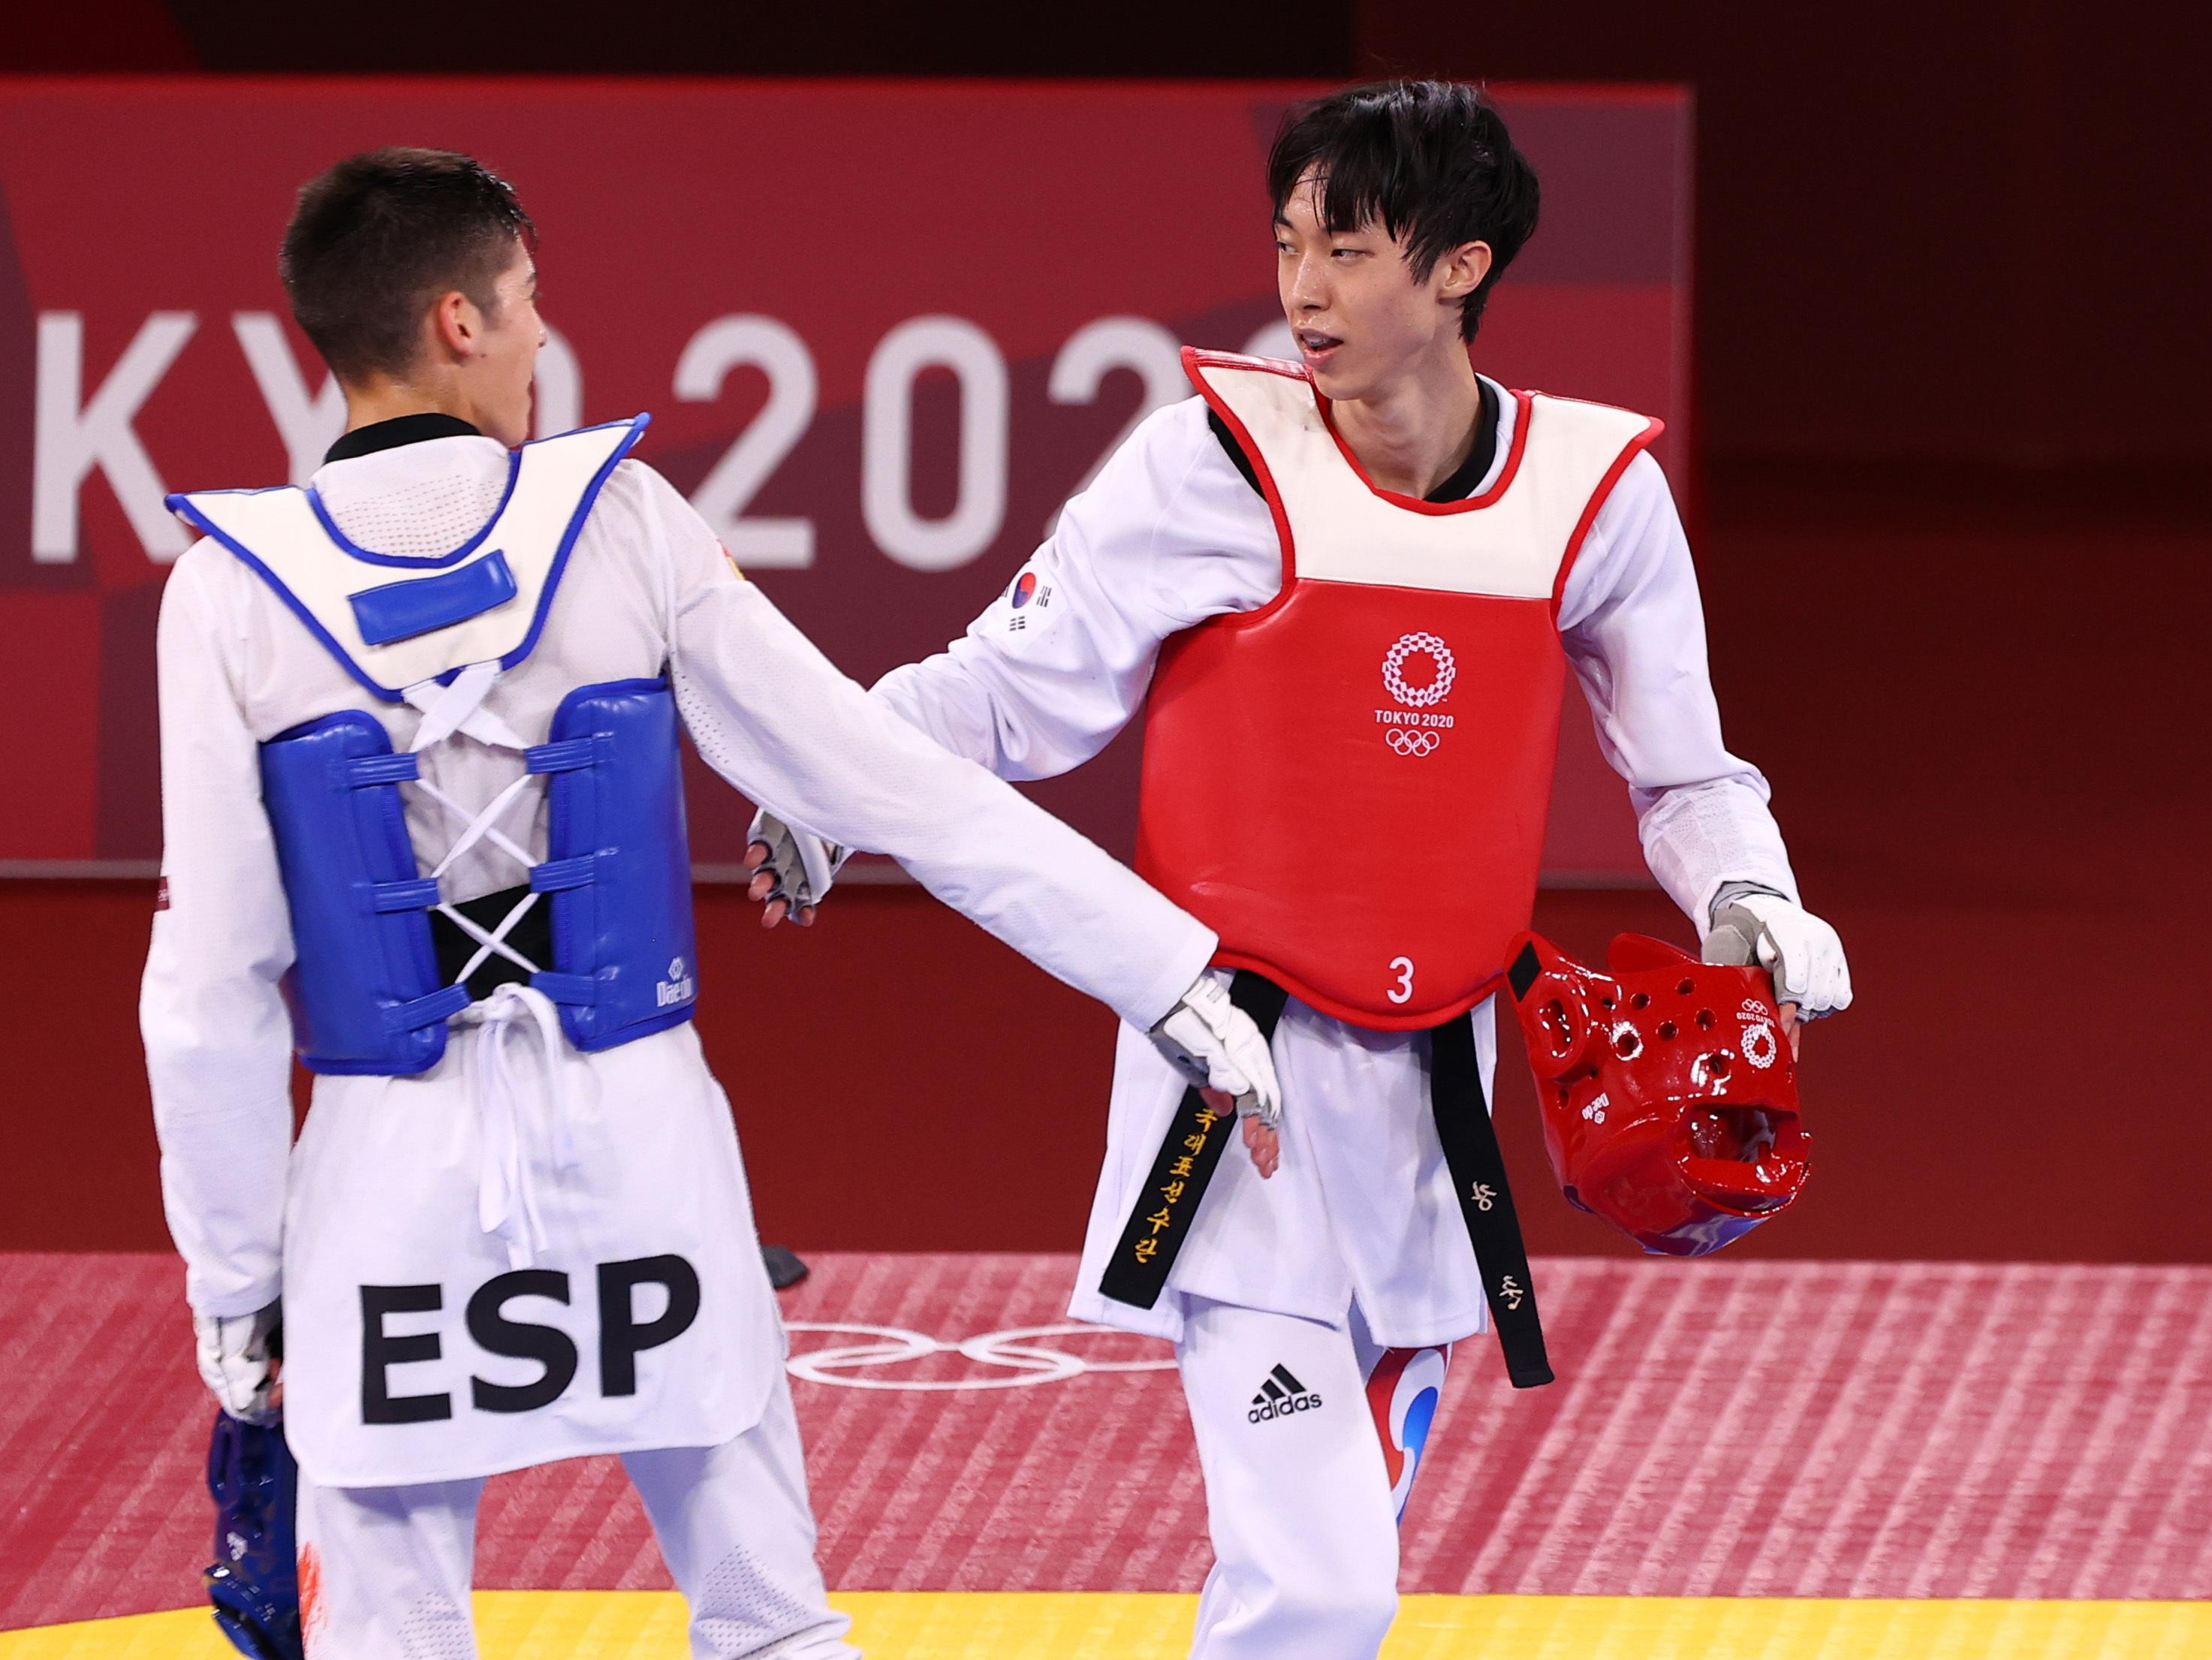 Adrián Vicente - Taekwondo- Juegos Olímpicos 2021 - Tokio 2020